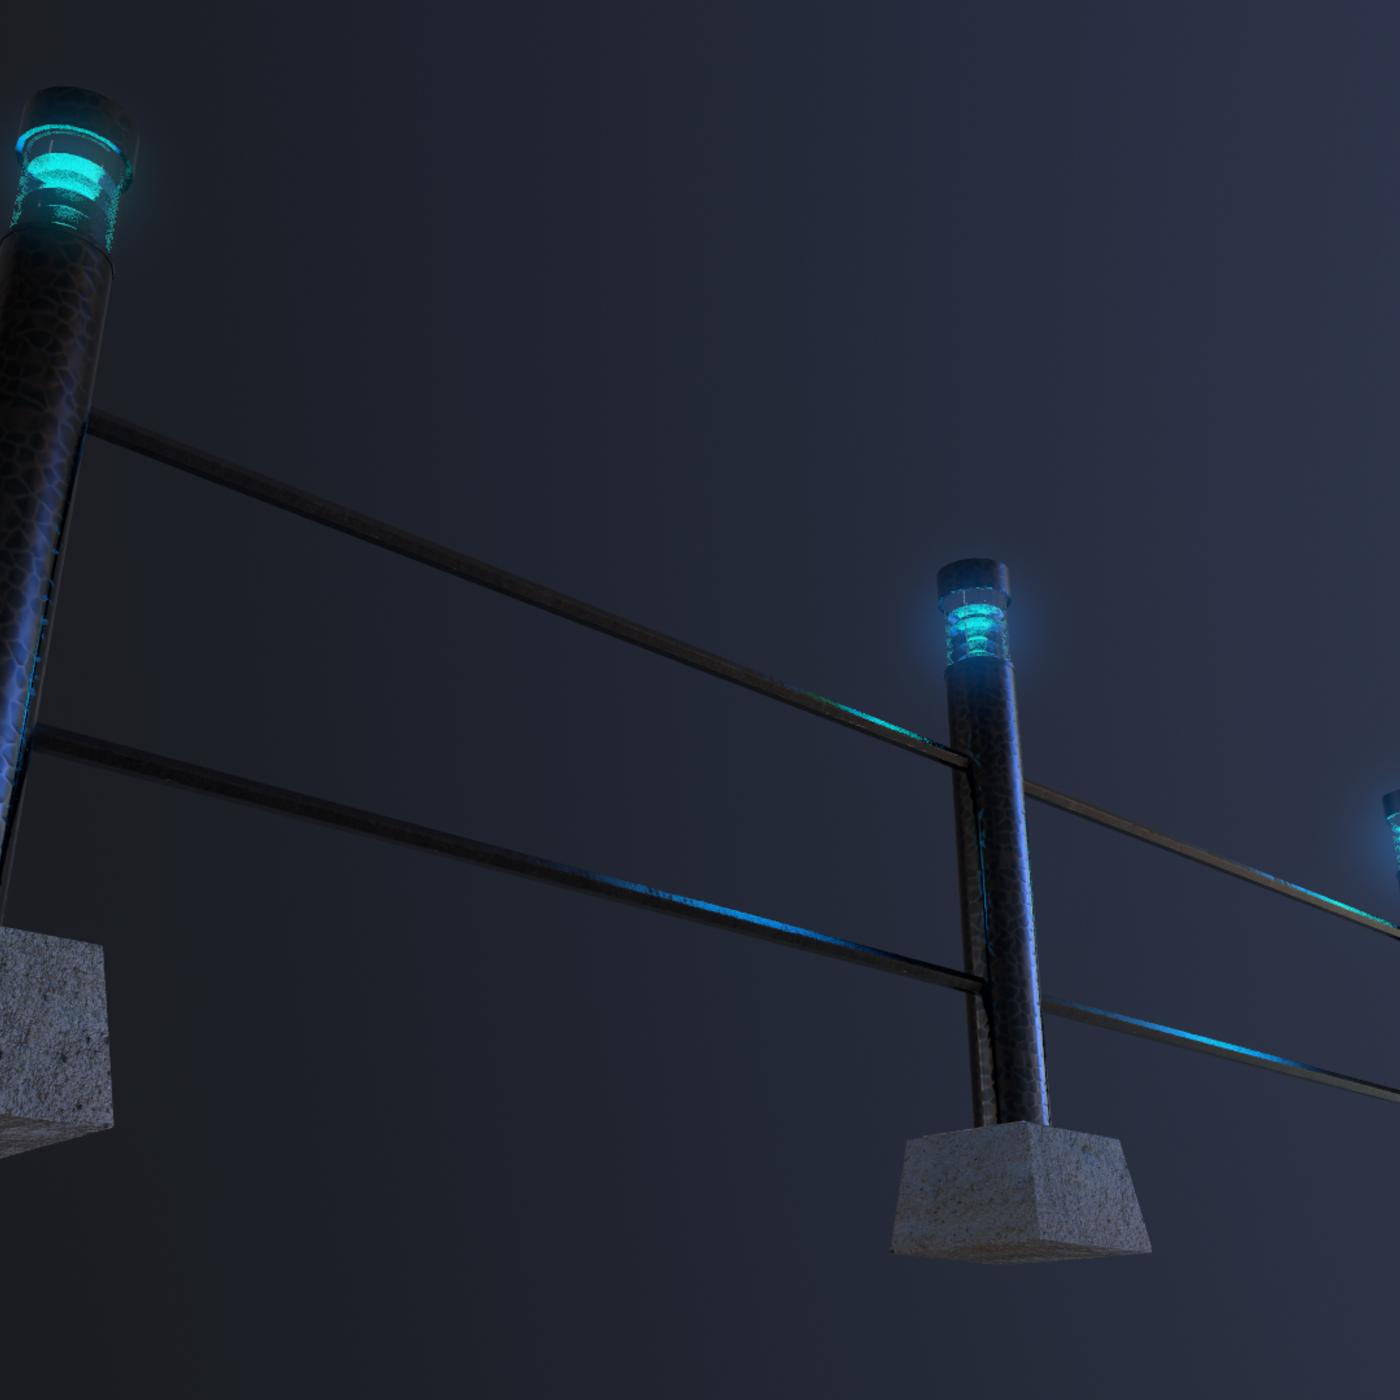 garden and street lights